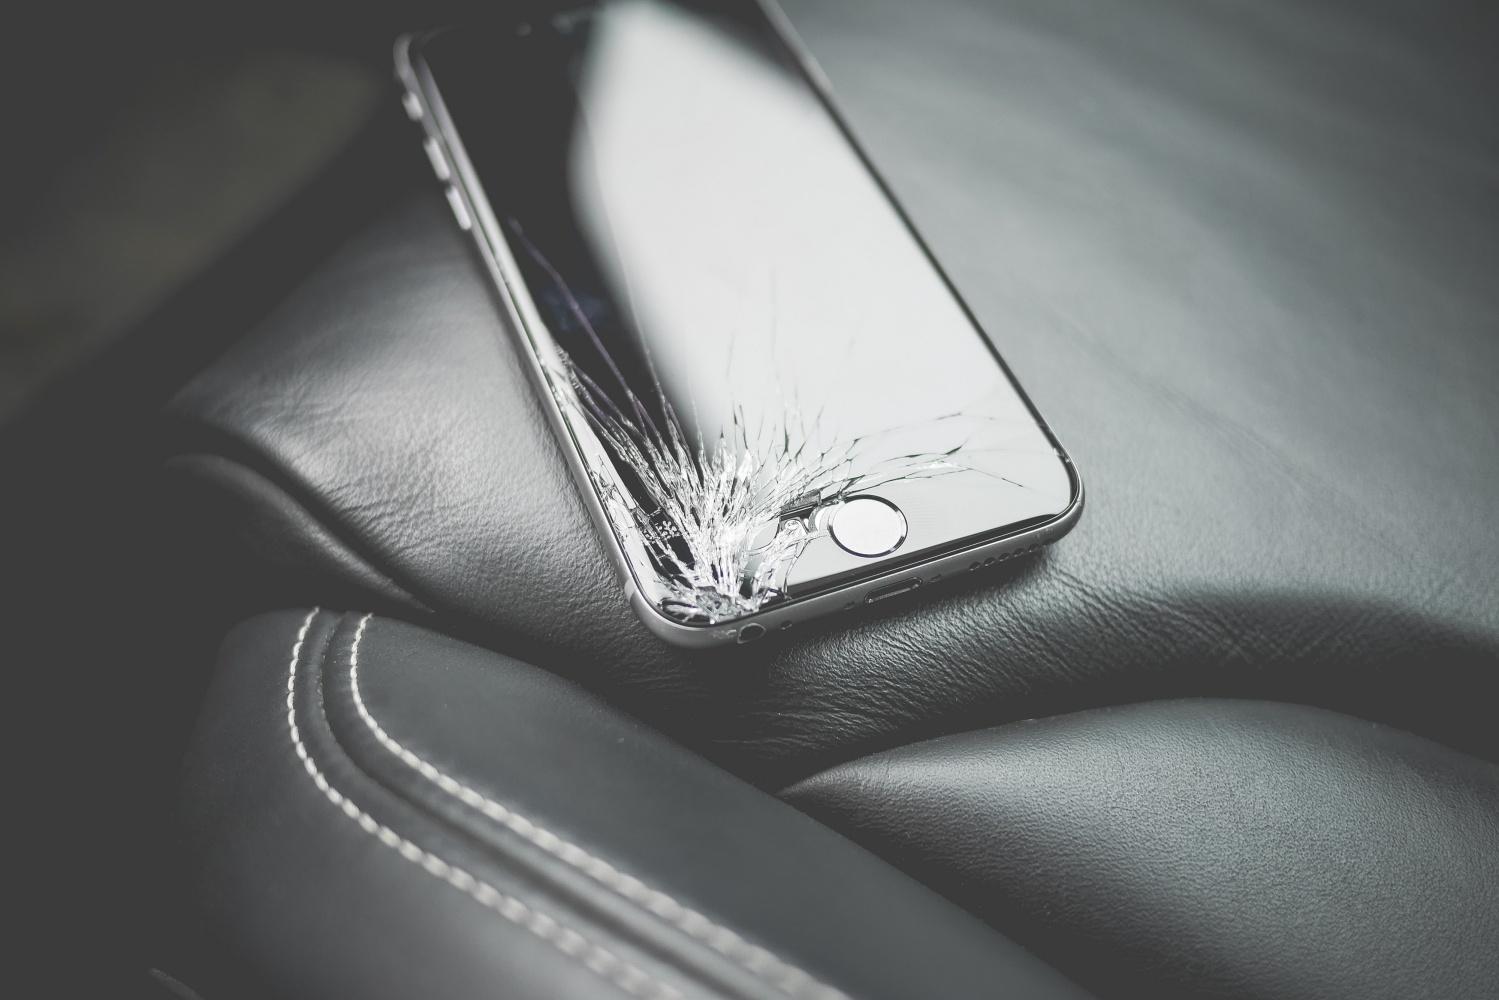 Dzięki łasce Apple naprawisz iPhone'a oryginalnymi częściami również w niezależnych serwisach 22